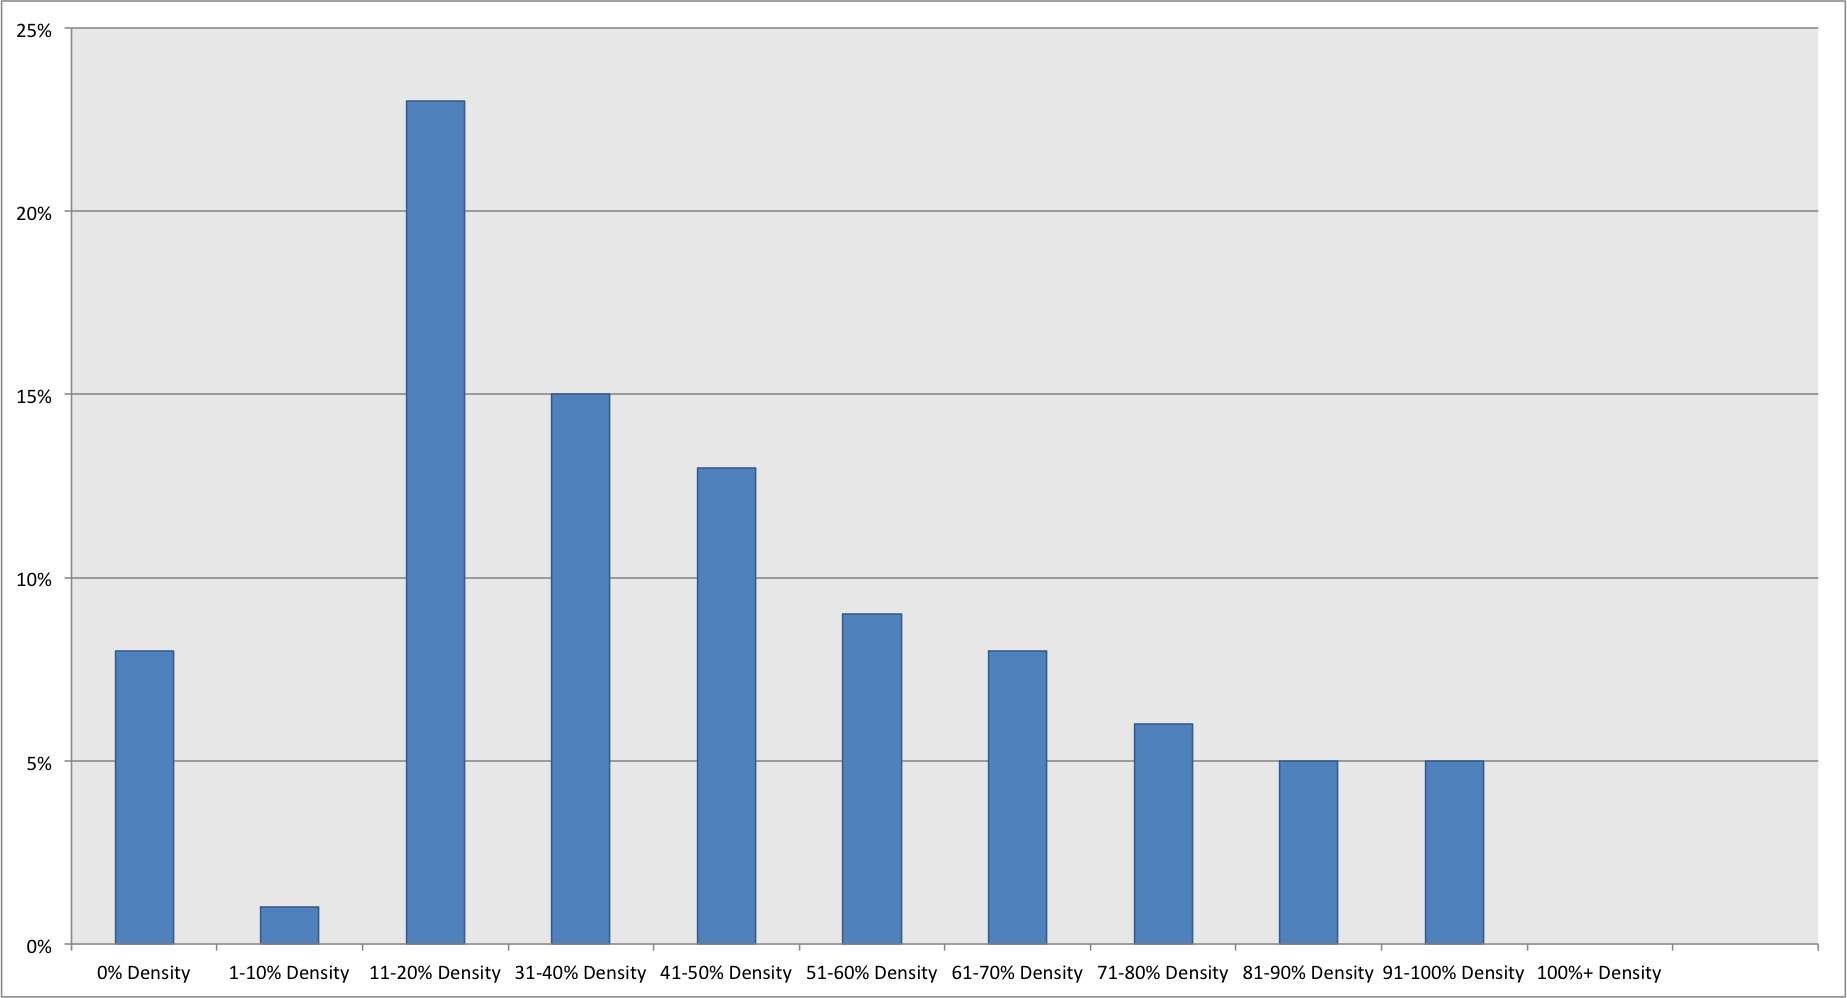 Tenon Global Density Chart, described in table below